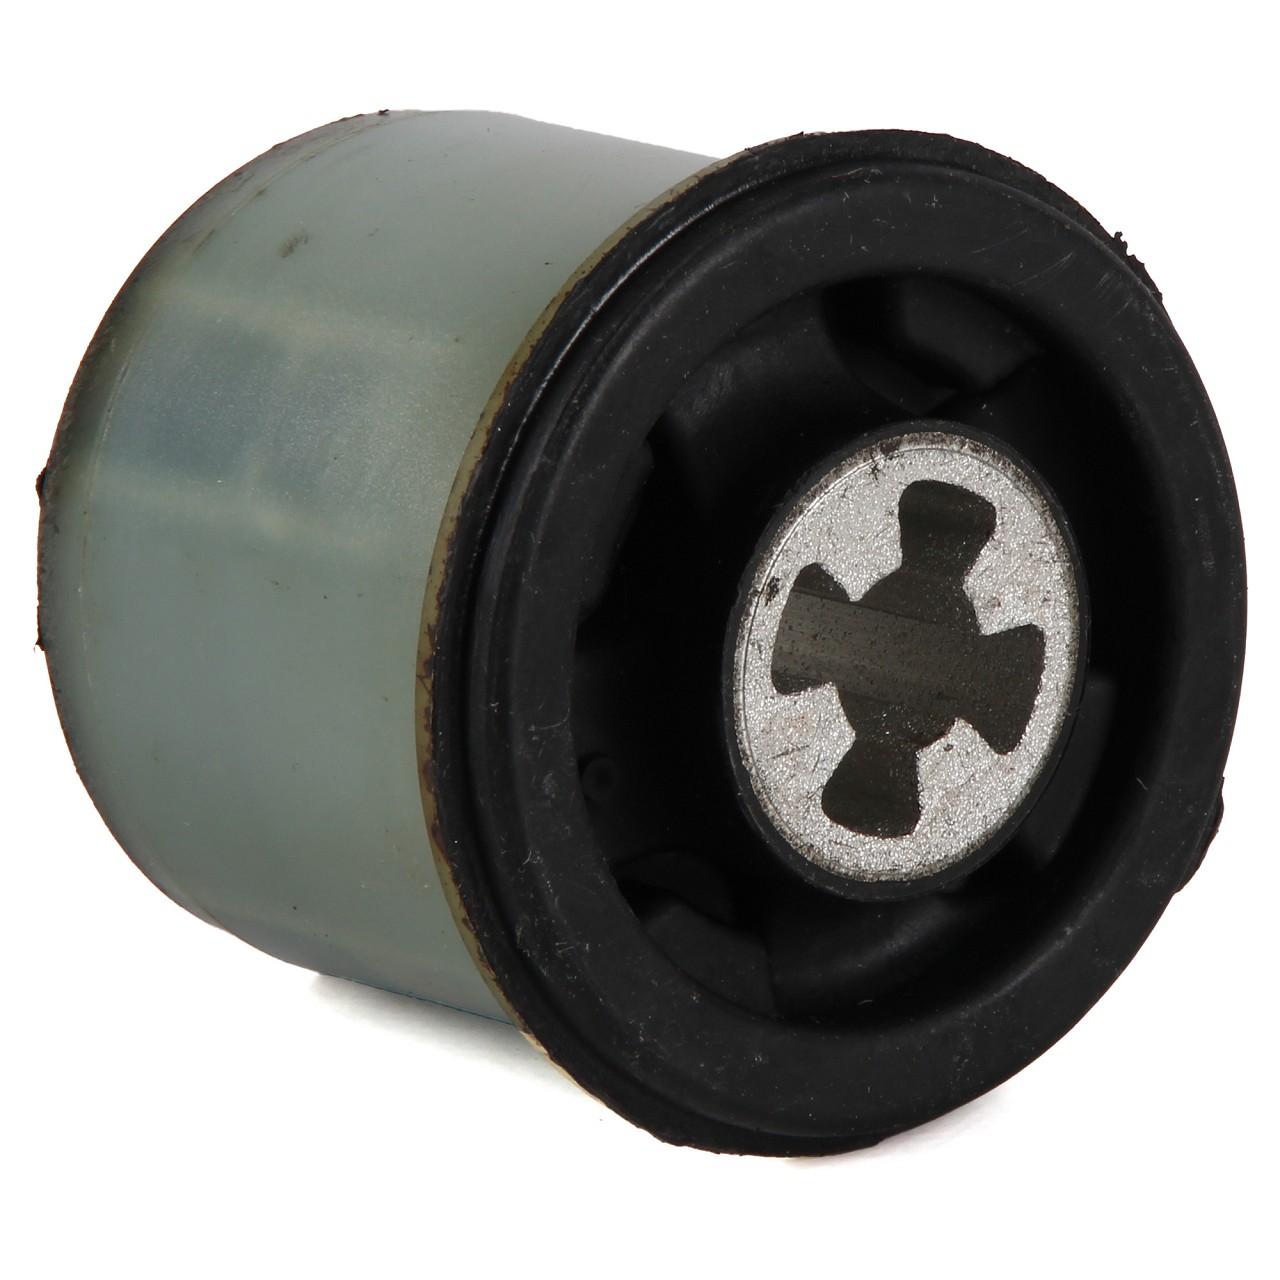 ORIGINAL Ford Gummilager Achskörperlager FIESTA V FUSION (JU_) hinten 1426699